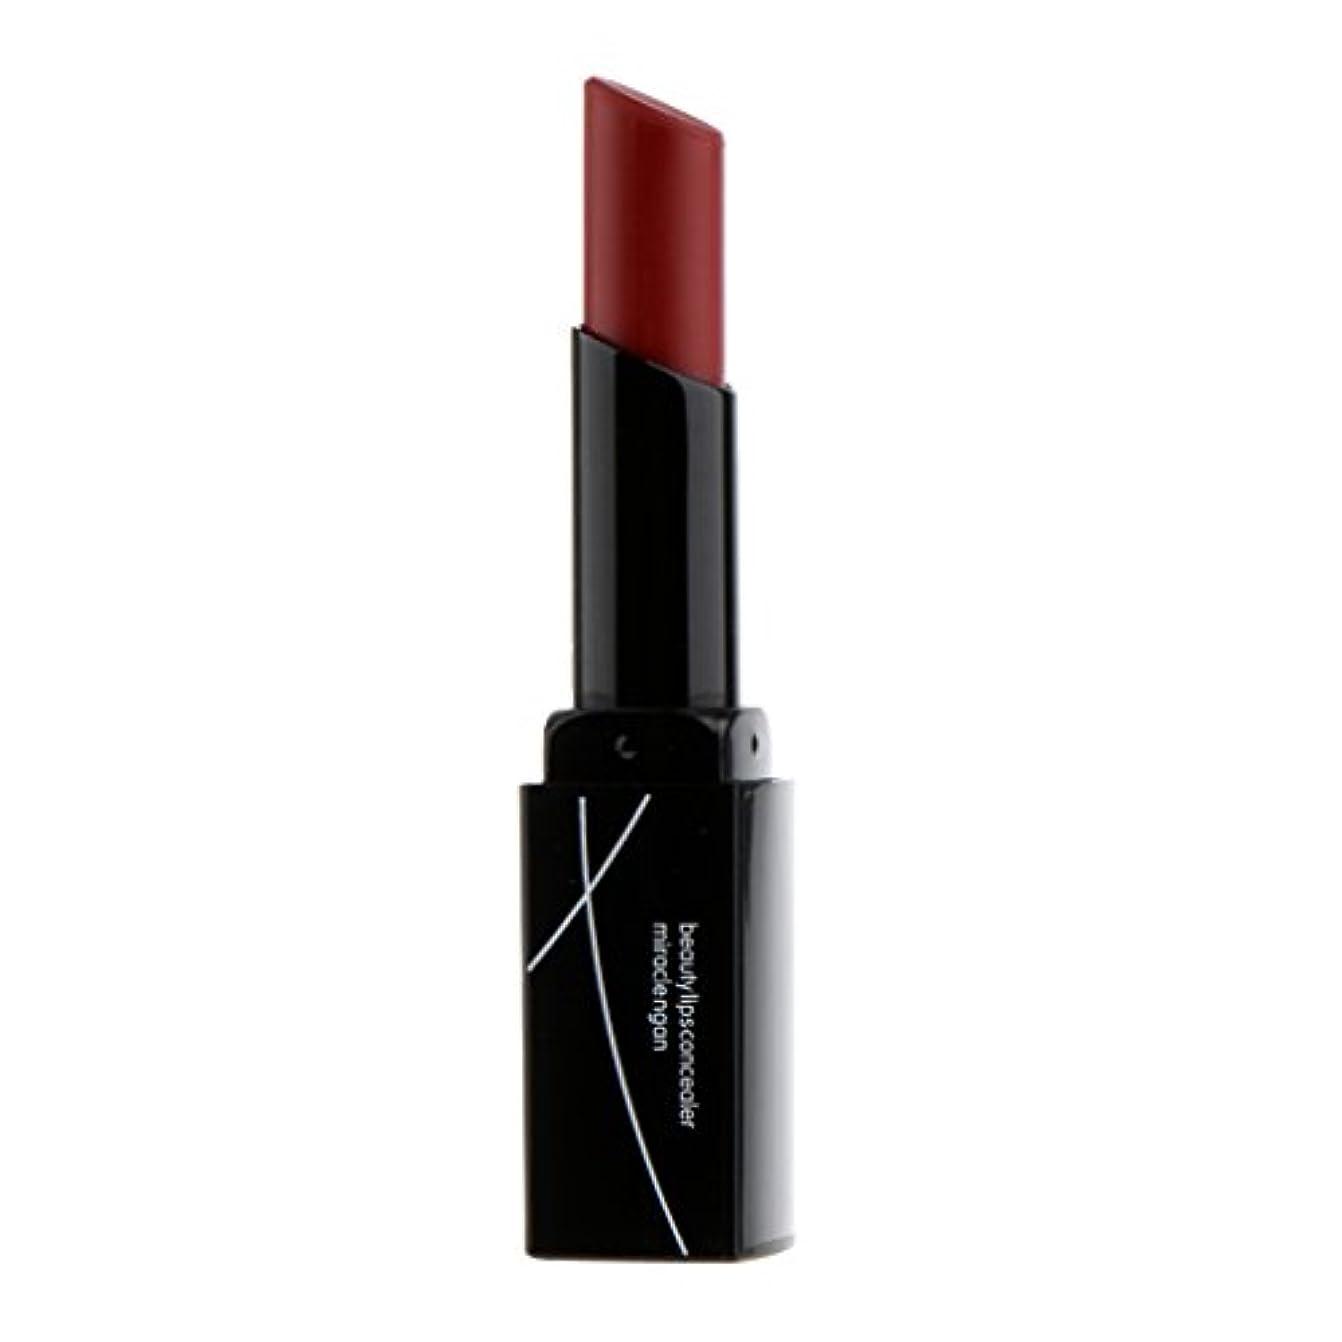 少なくとも面白い腐敗したKesoto リップスティック リップグロス 口紅 メイクアップ 唇メイク 長持ち 保湿 ベルベット リップ マット 防水 全9色選べる - マゼンタ